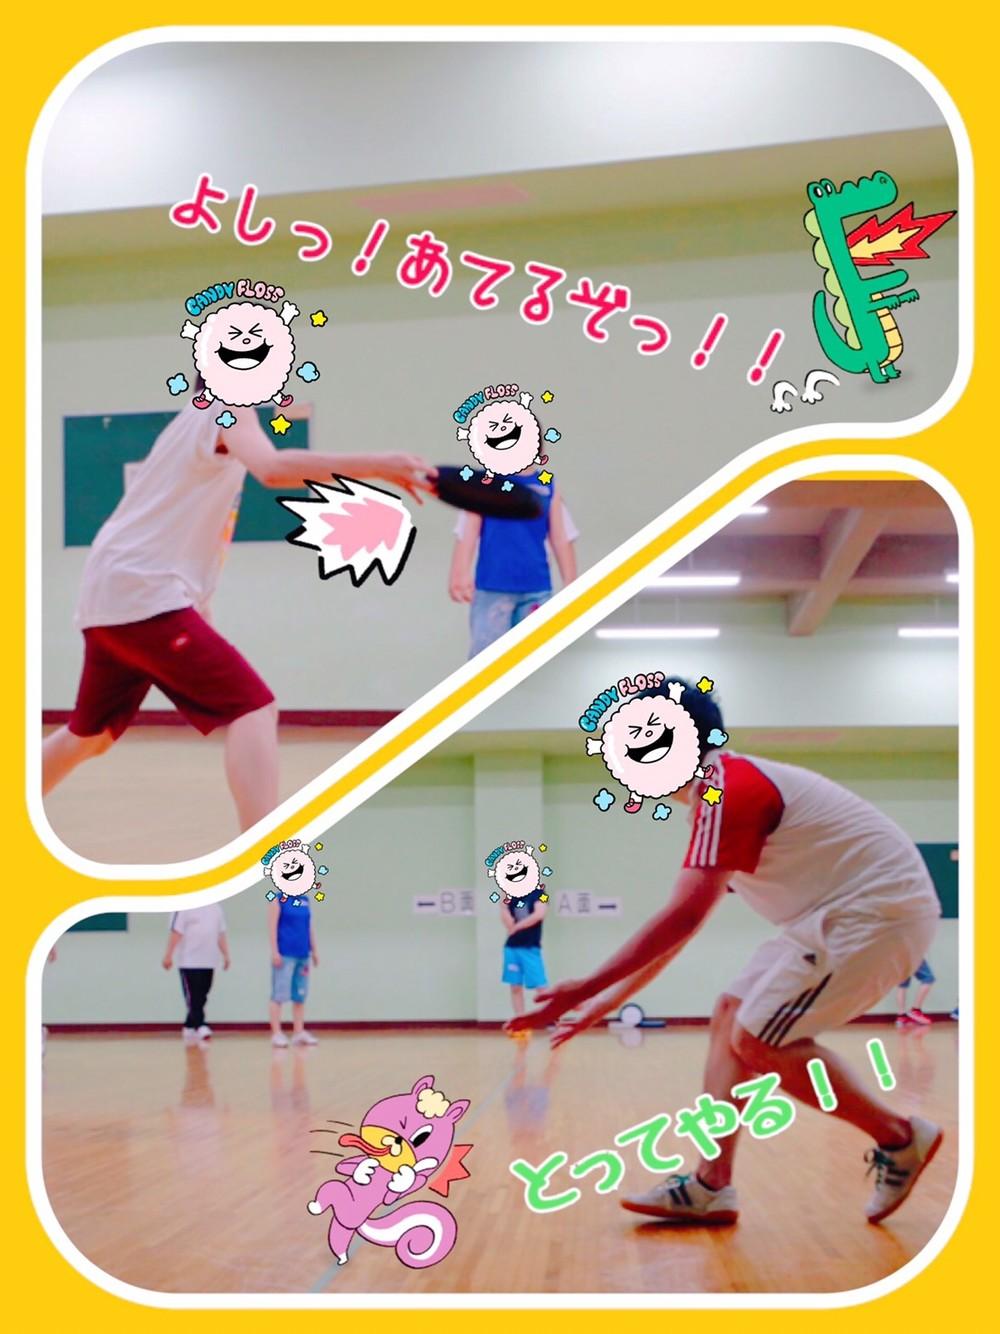 【未経験大歓迎】ドッヂビー!!!…第34回